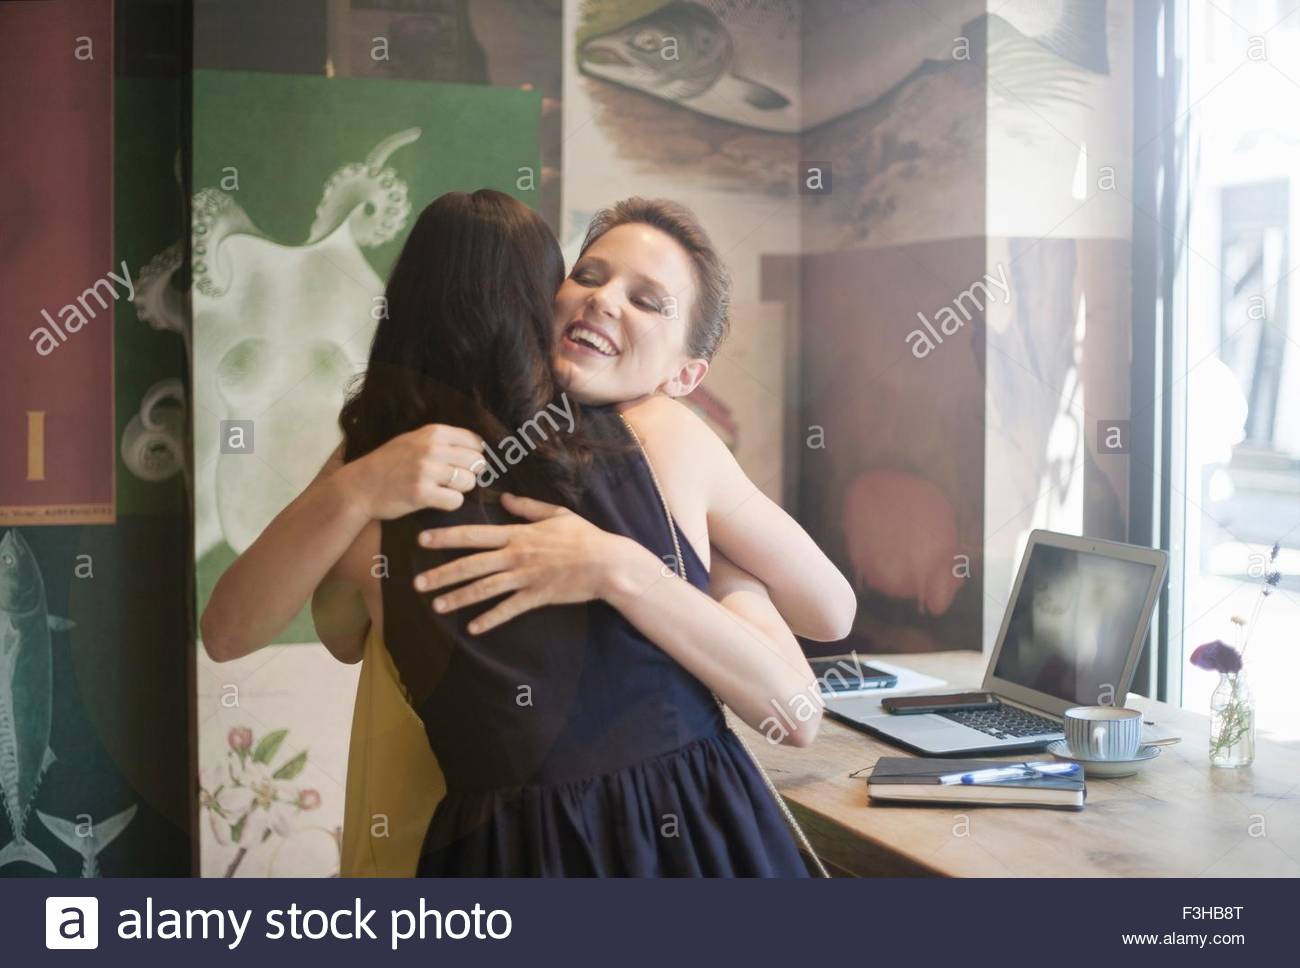 Zwei junge Brünette-Frauen sitzen in einem Café Gruss einander mit einer Umarmung Stockbild